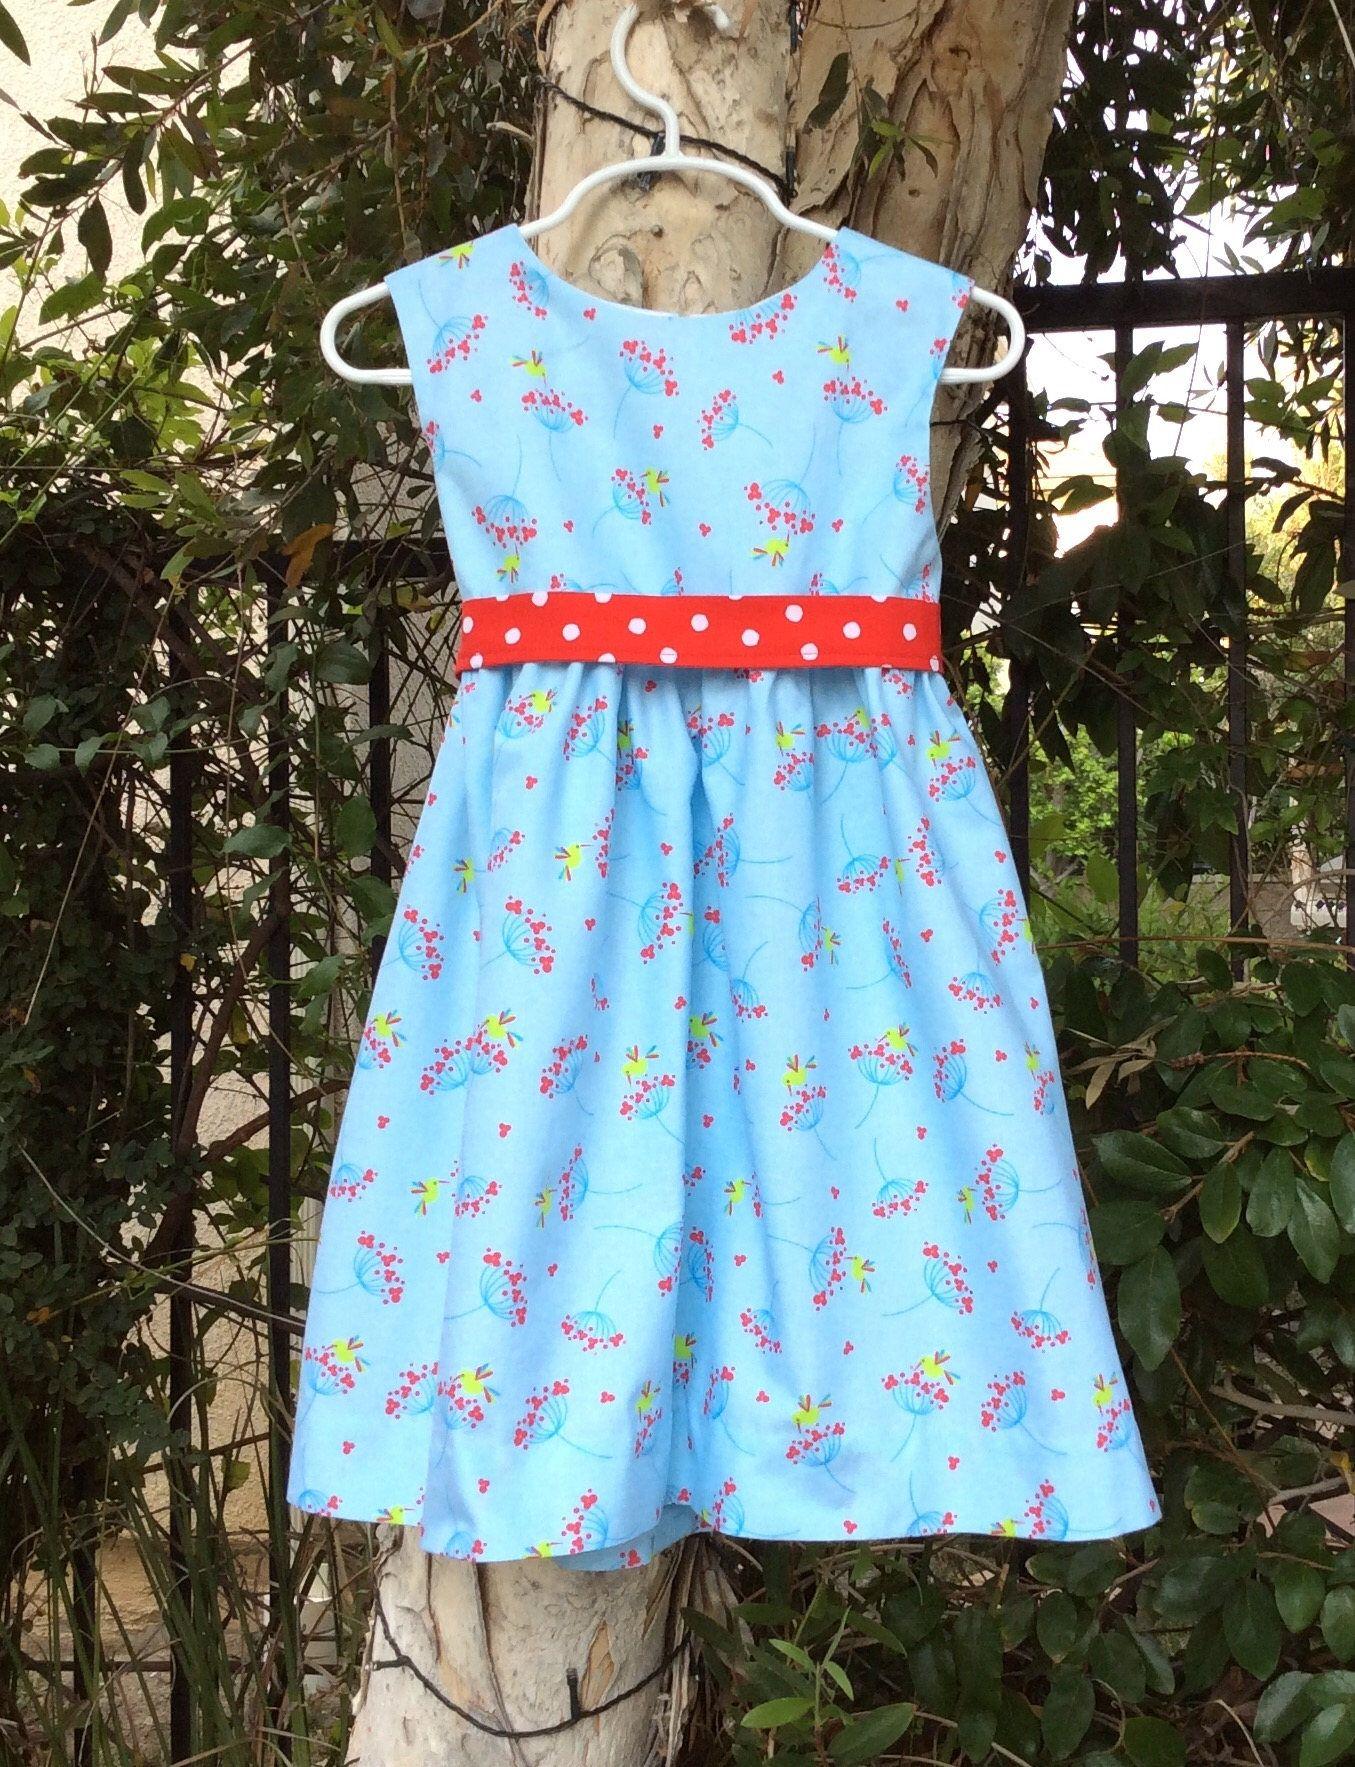 Little Girls Girls Party Summer Cotton Dress Birds An De Etsy Girls Cotton Dresses Summer Frock Designs Girls Clothes Patterns [ 1767 x 1355 Pixel ]